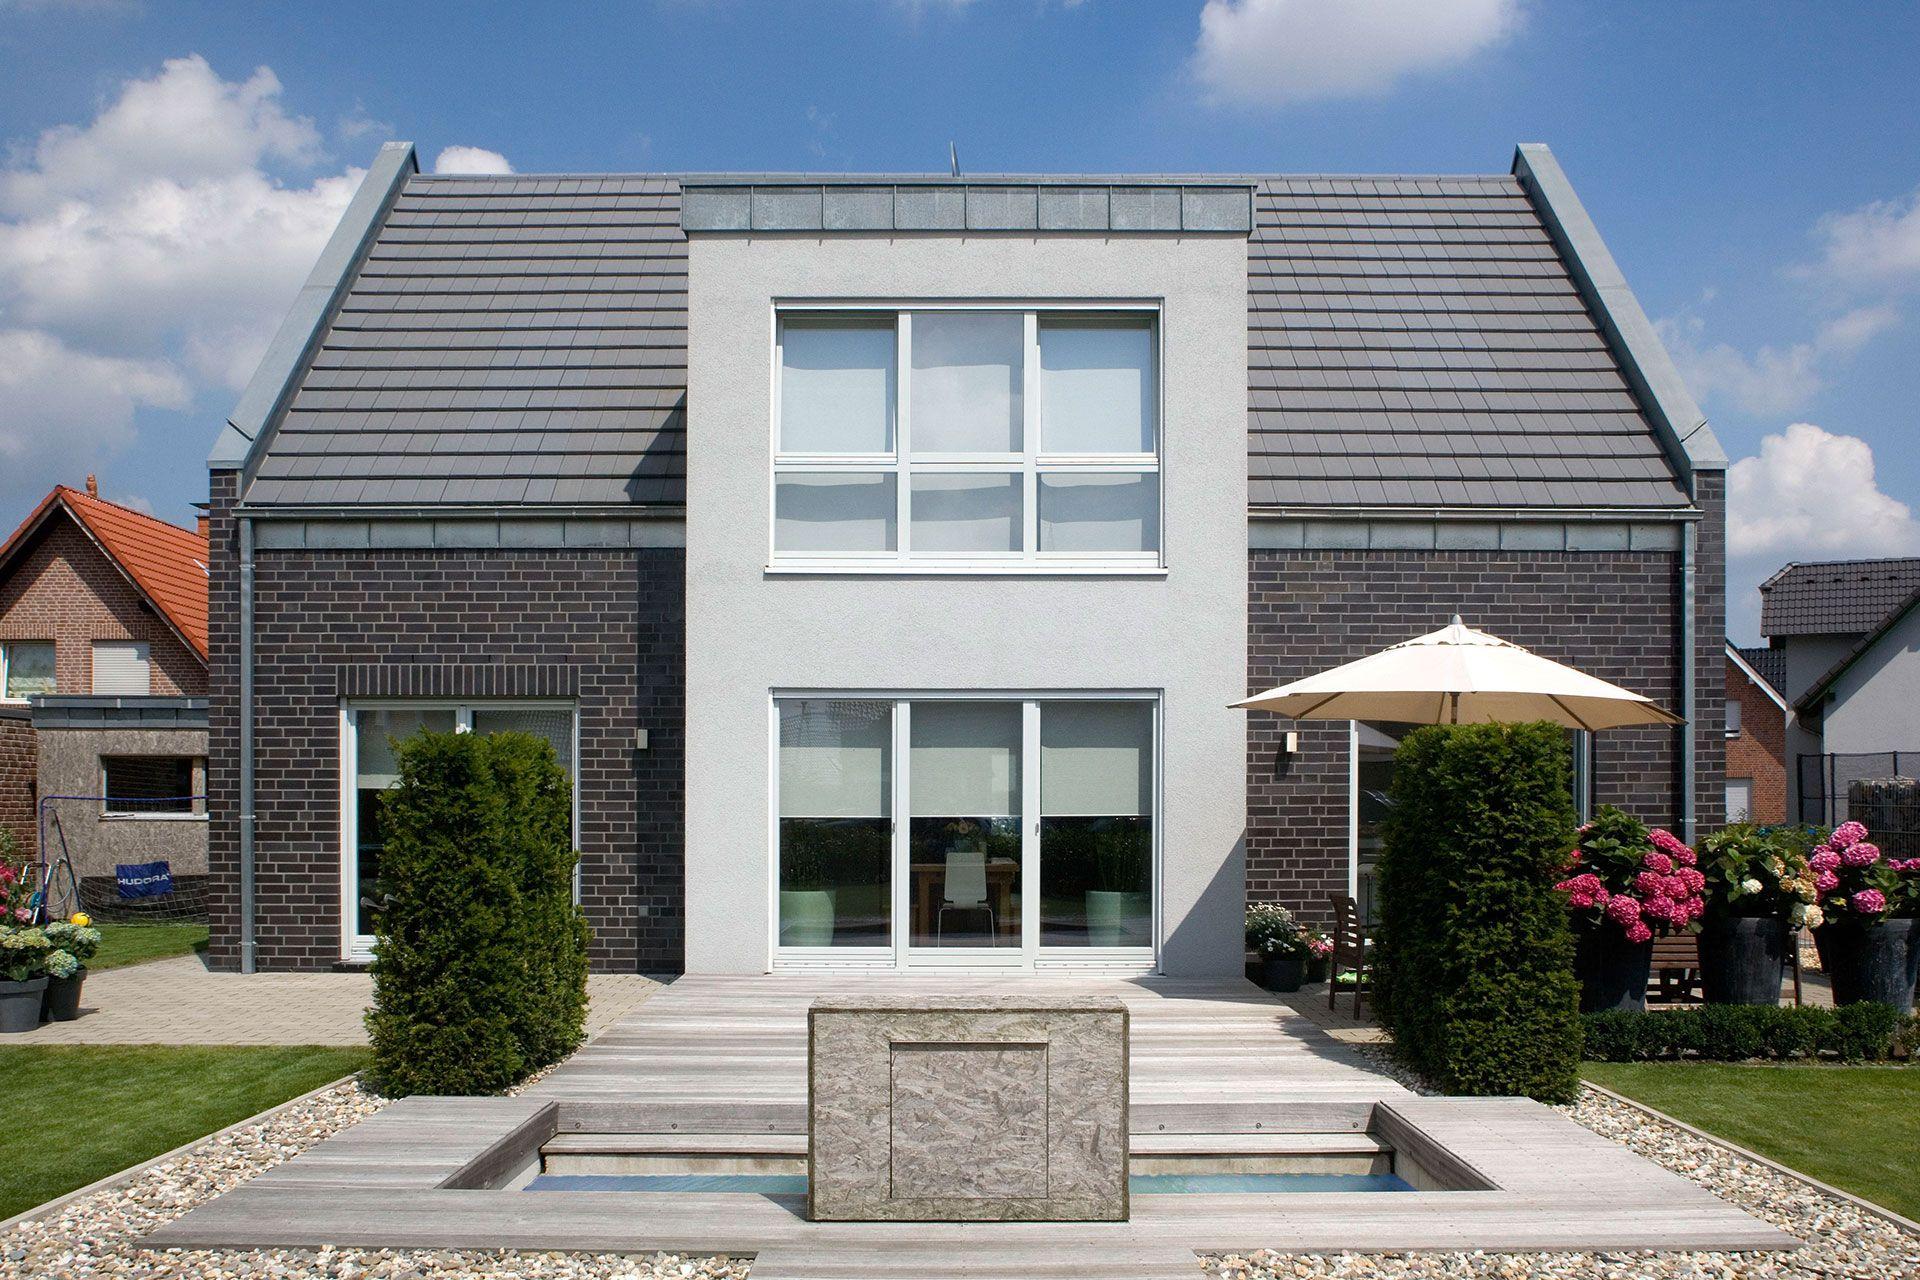 Moderne H\u00e4user Satteldach \u2013 Modernes Haus Sweet House, House  Exteriors, House